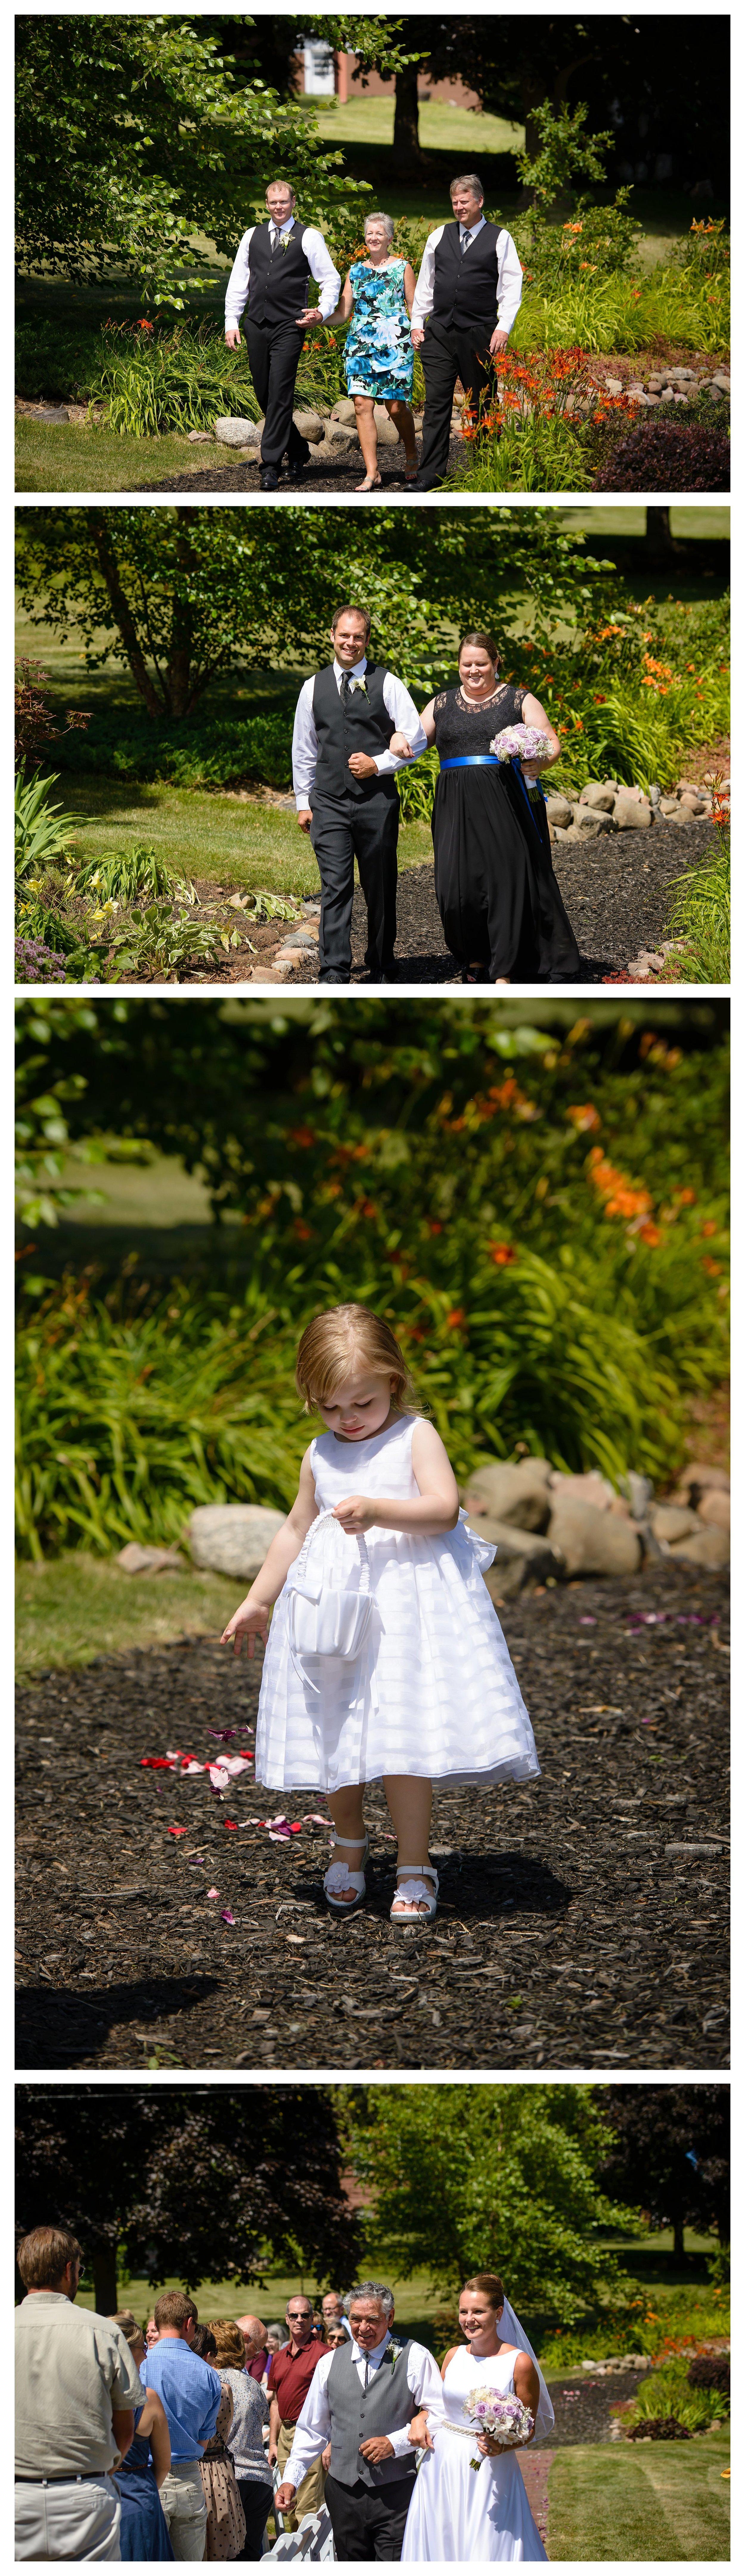 ps 139 photography jen jensen bayfield Rittenhouse Inn La Chateau wedding_0014.jpg